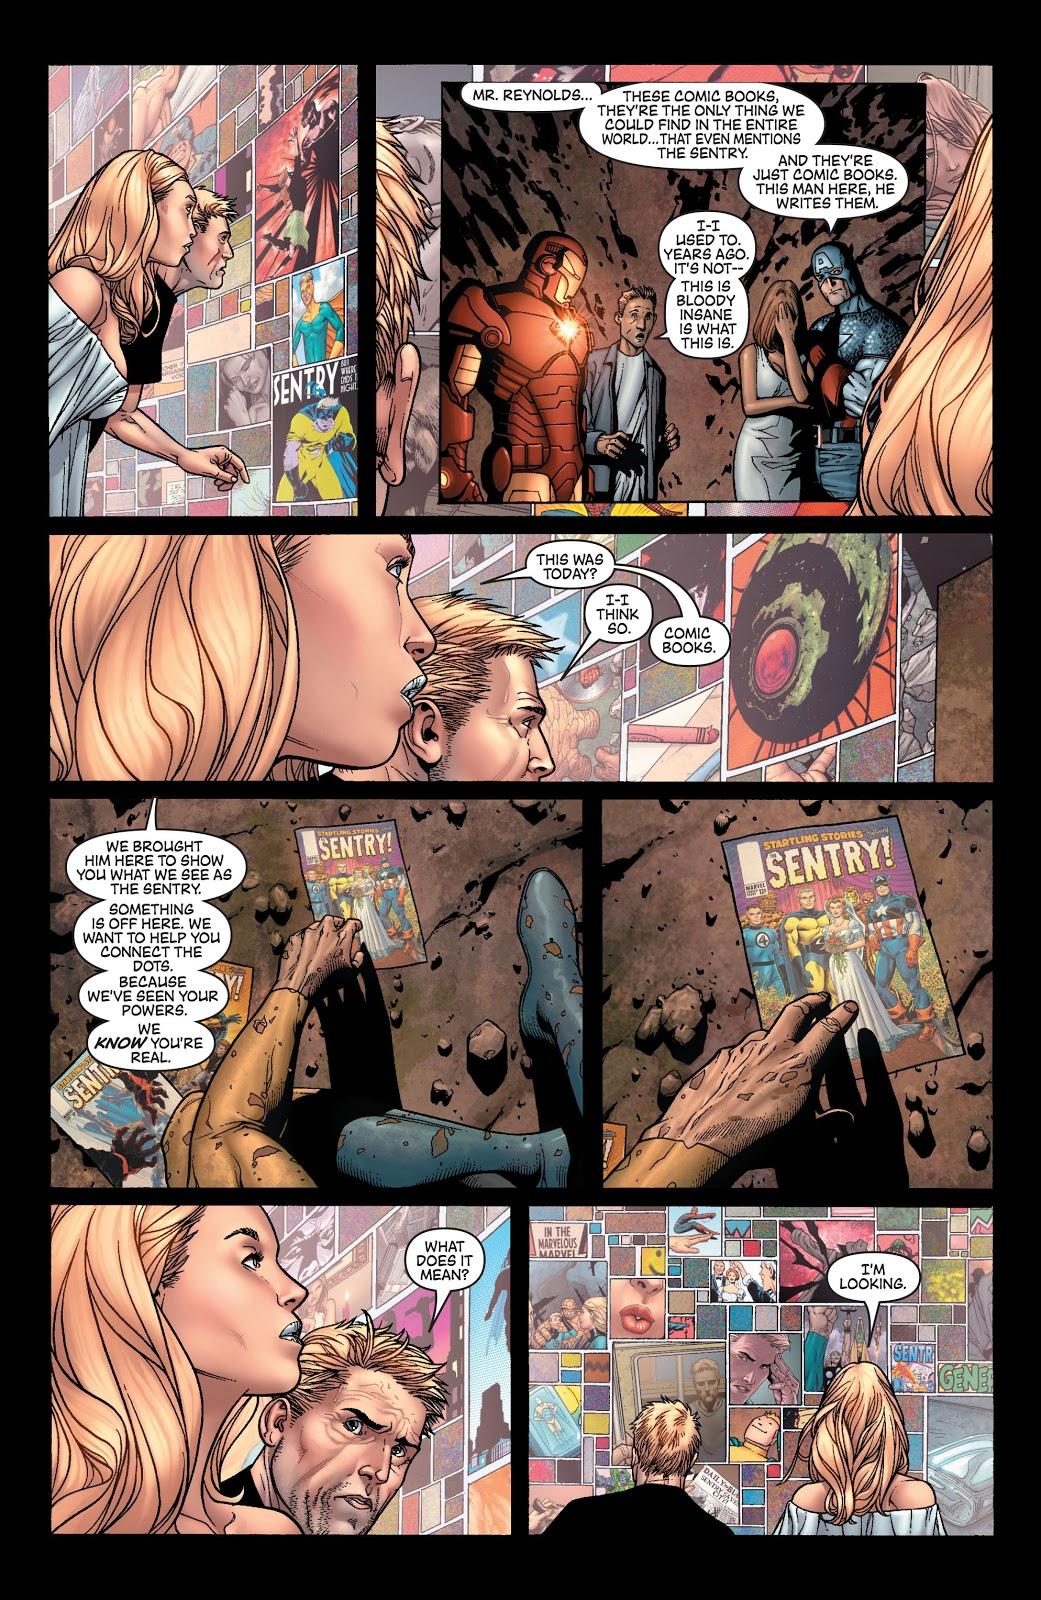 Có thể bạn chưa biết: Thế giới truyện tranh Marvel và DC cũng tồn tại trong Comics đấy - Ảnh 5.